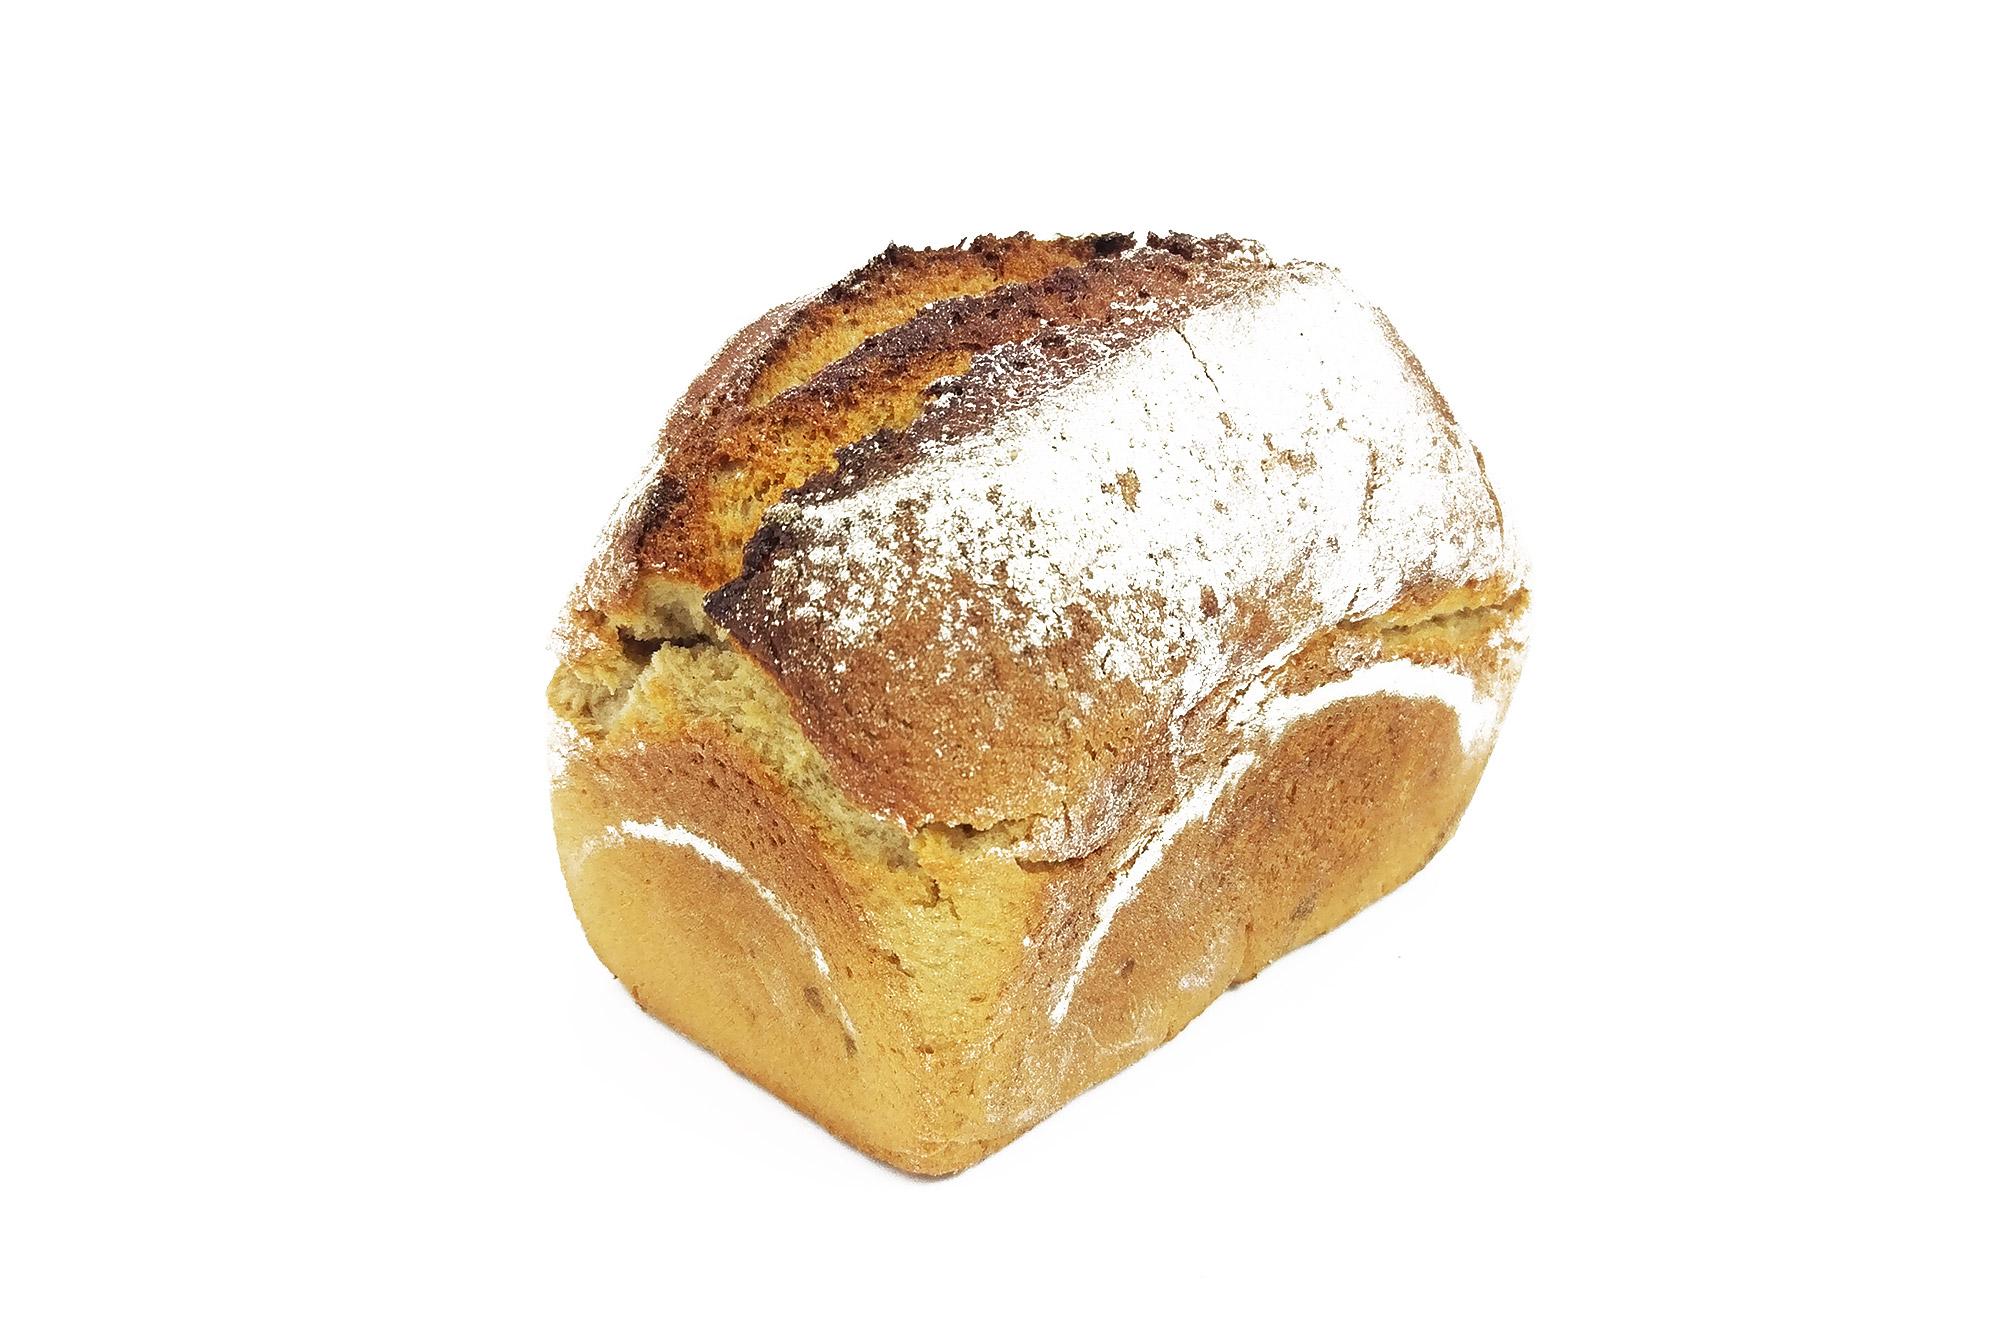 fotografia produktowa, anc ostrzeszów, fotografia chleba, chleb foto reklamowe, foto chleba